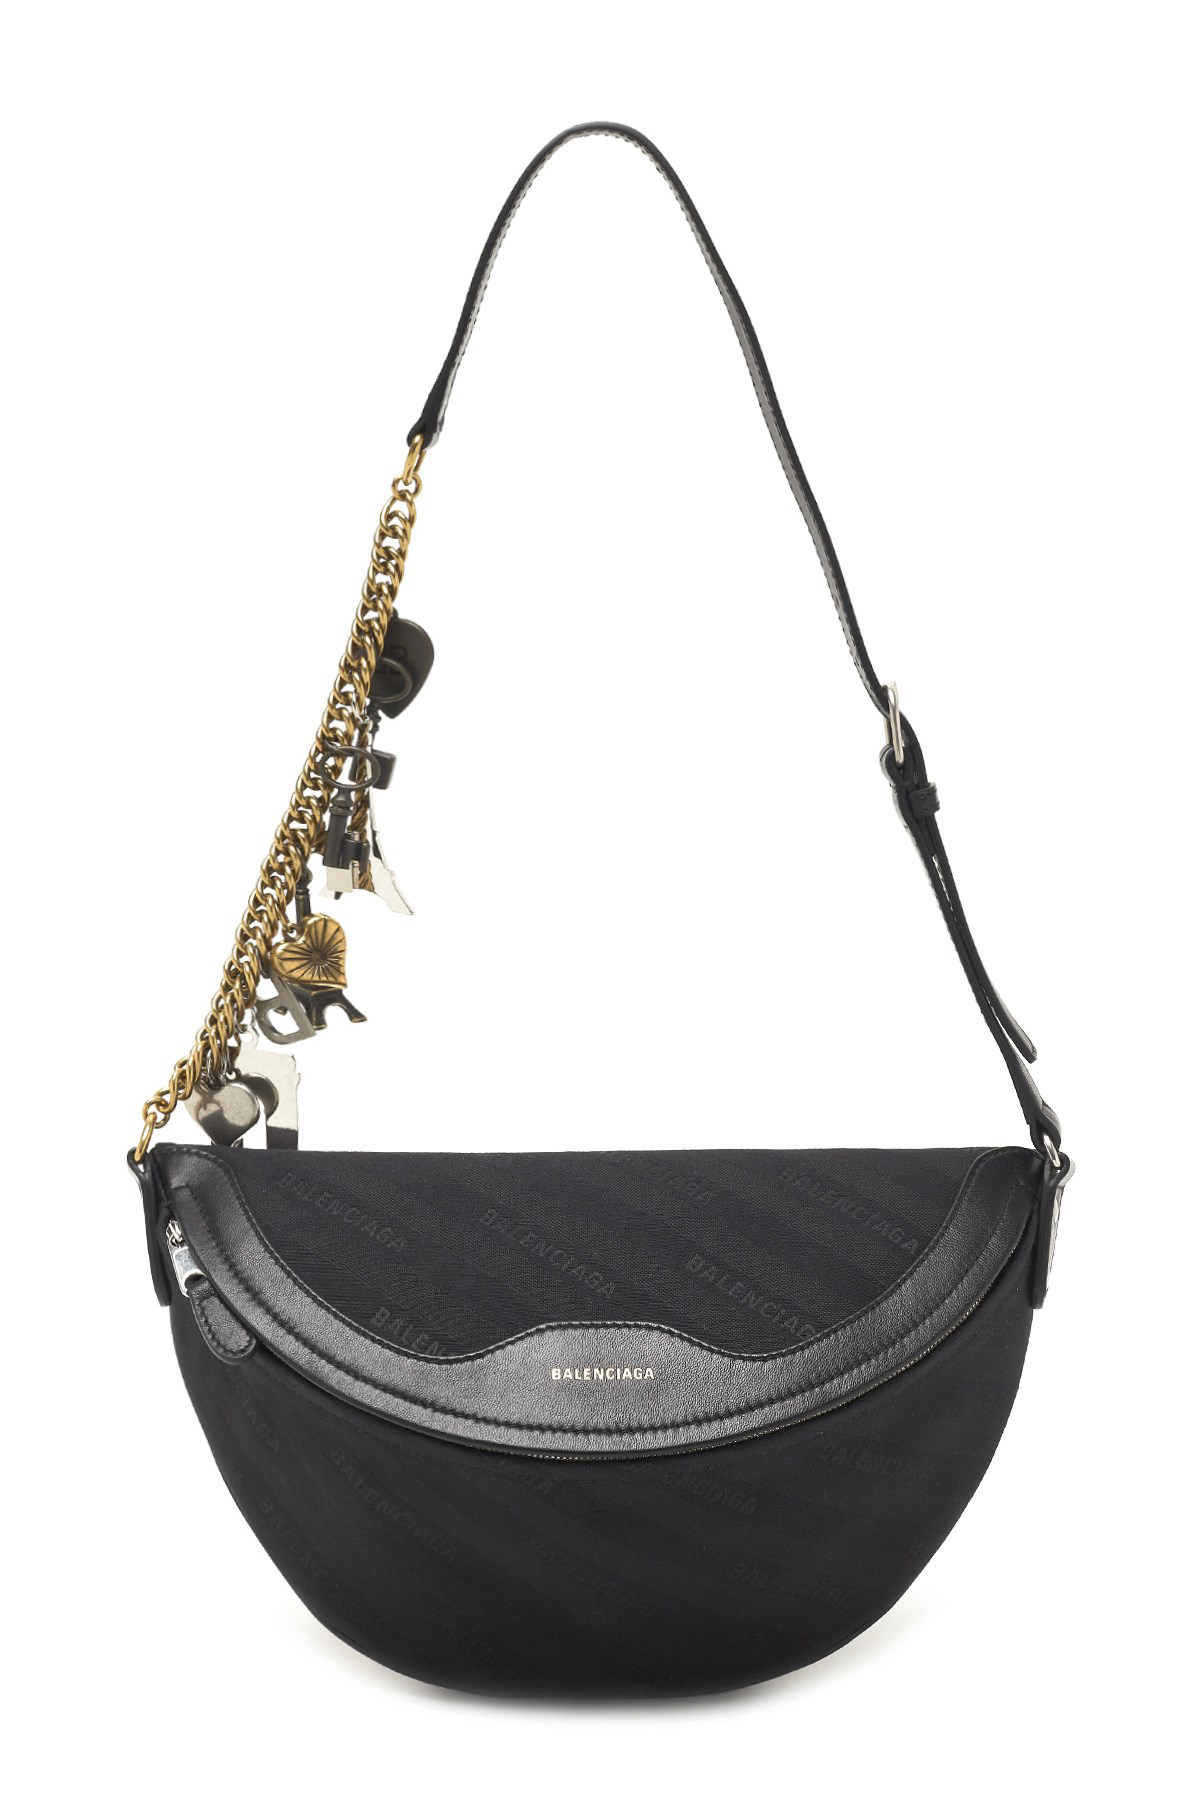 de8647300109 Balenciaga Souvenir Embellished Leather-Trimmed Velvet Belt Bag In 1000  Black